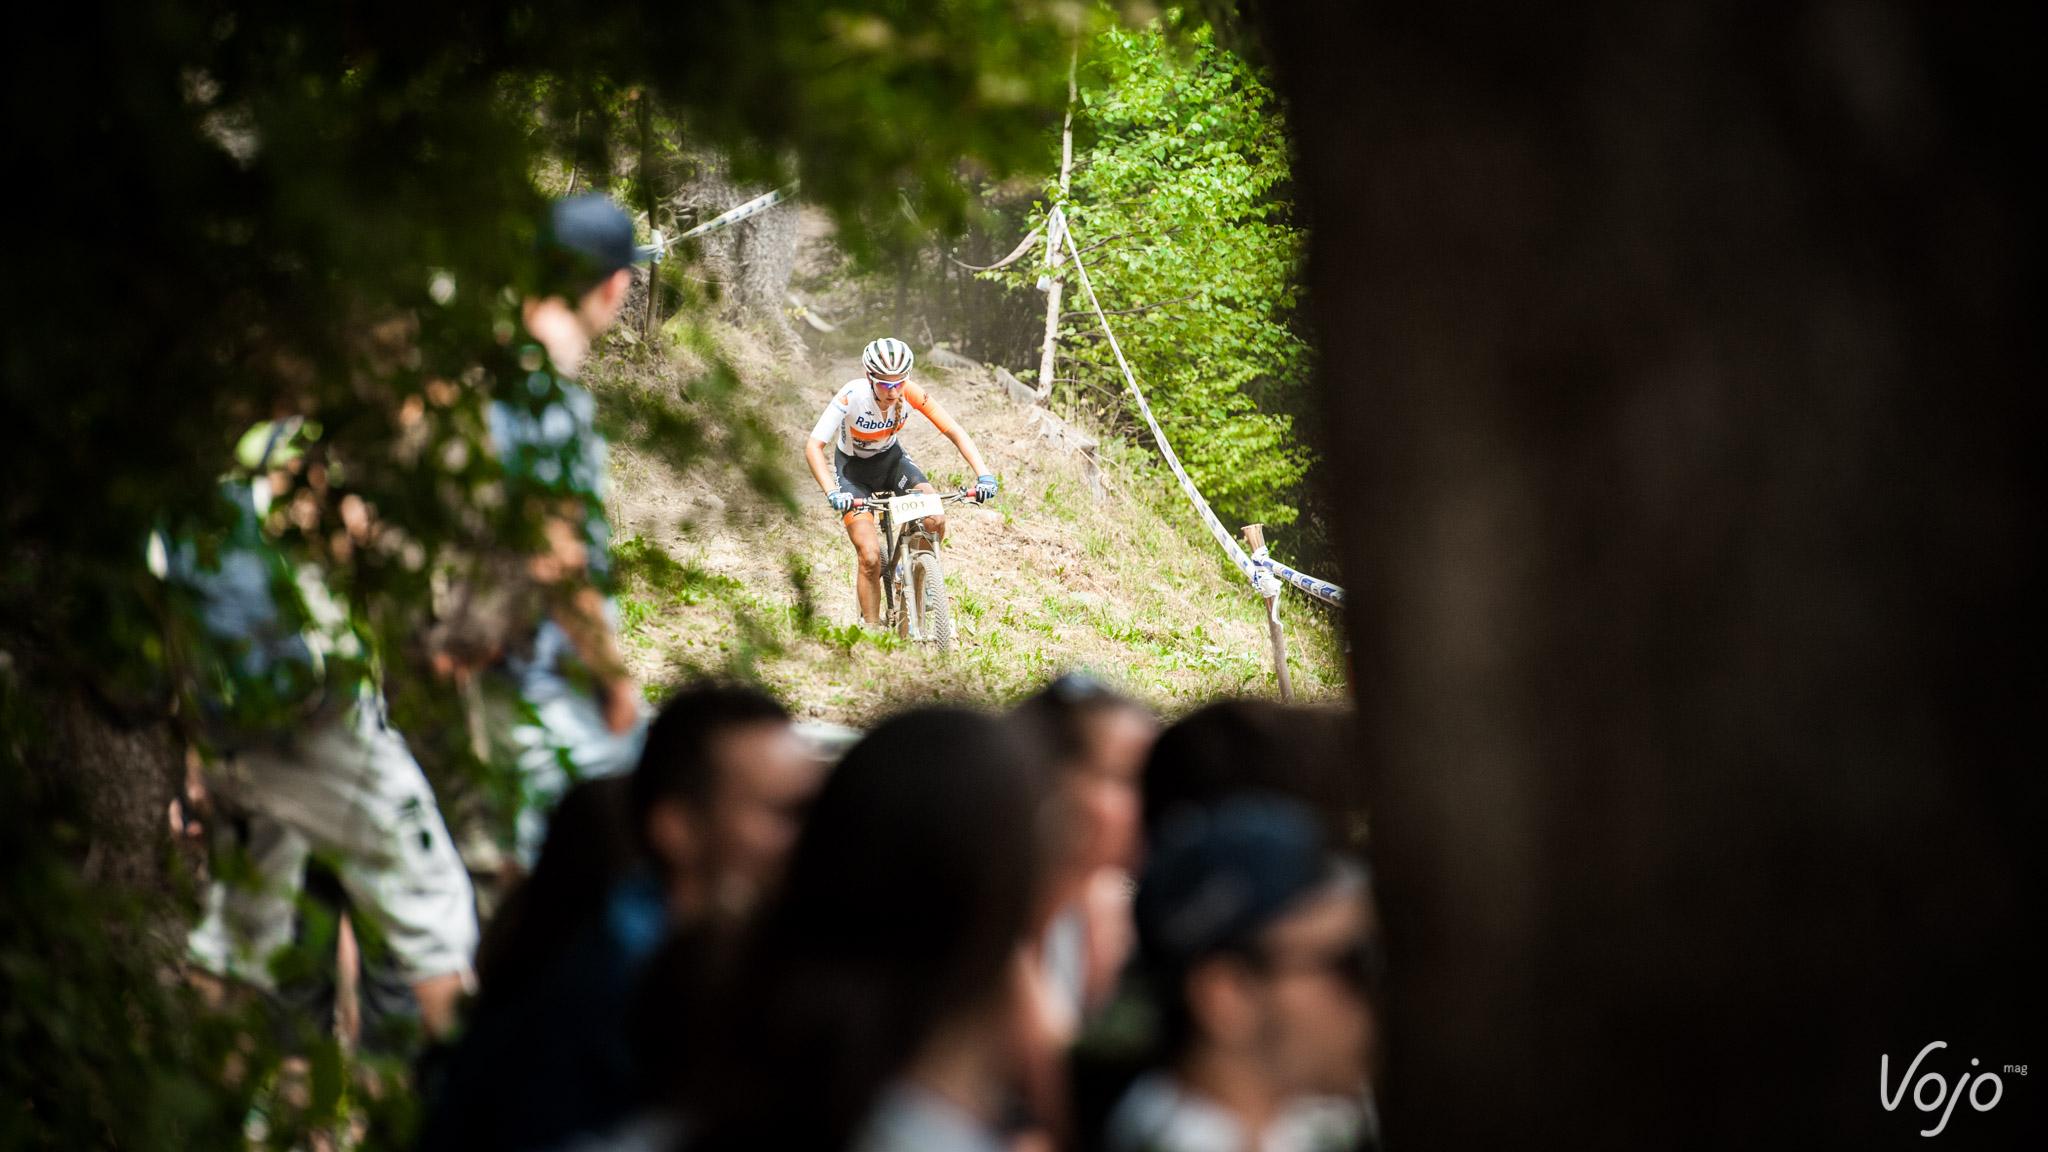 Championnats-de-france-2015-Oz-XC-Espoirs-finale-68